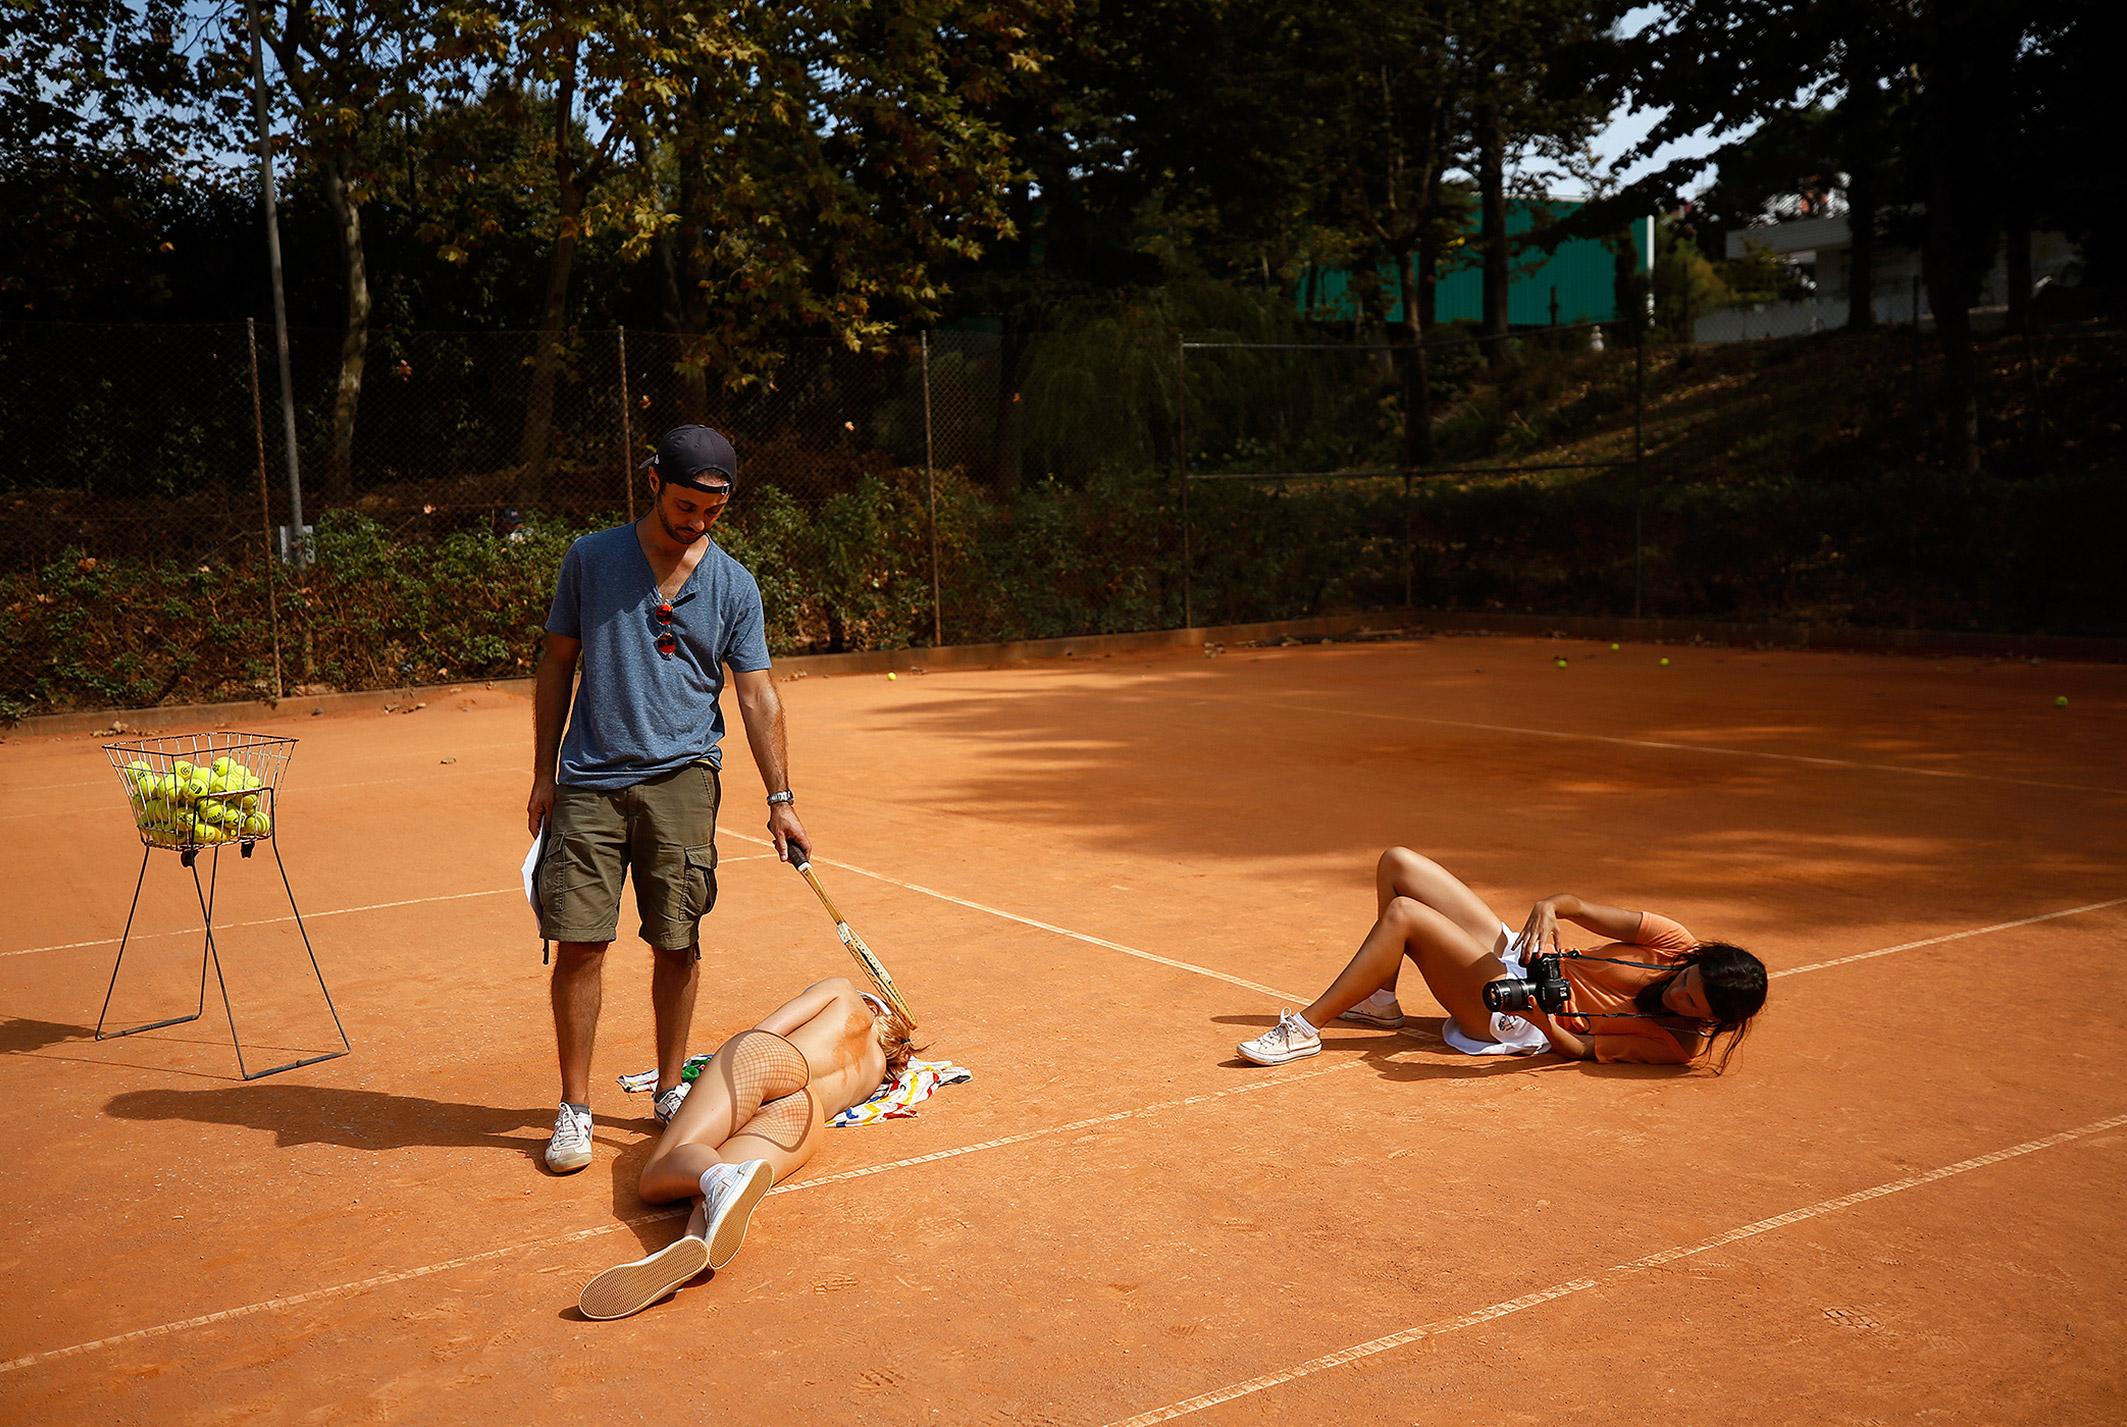 звезда голландского Playboy Свенья ван дер Богарт голая играет в теннис / на съемочной площадке